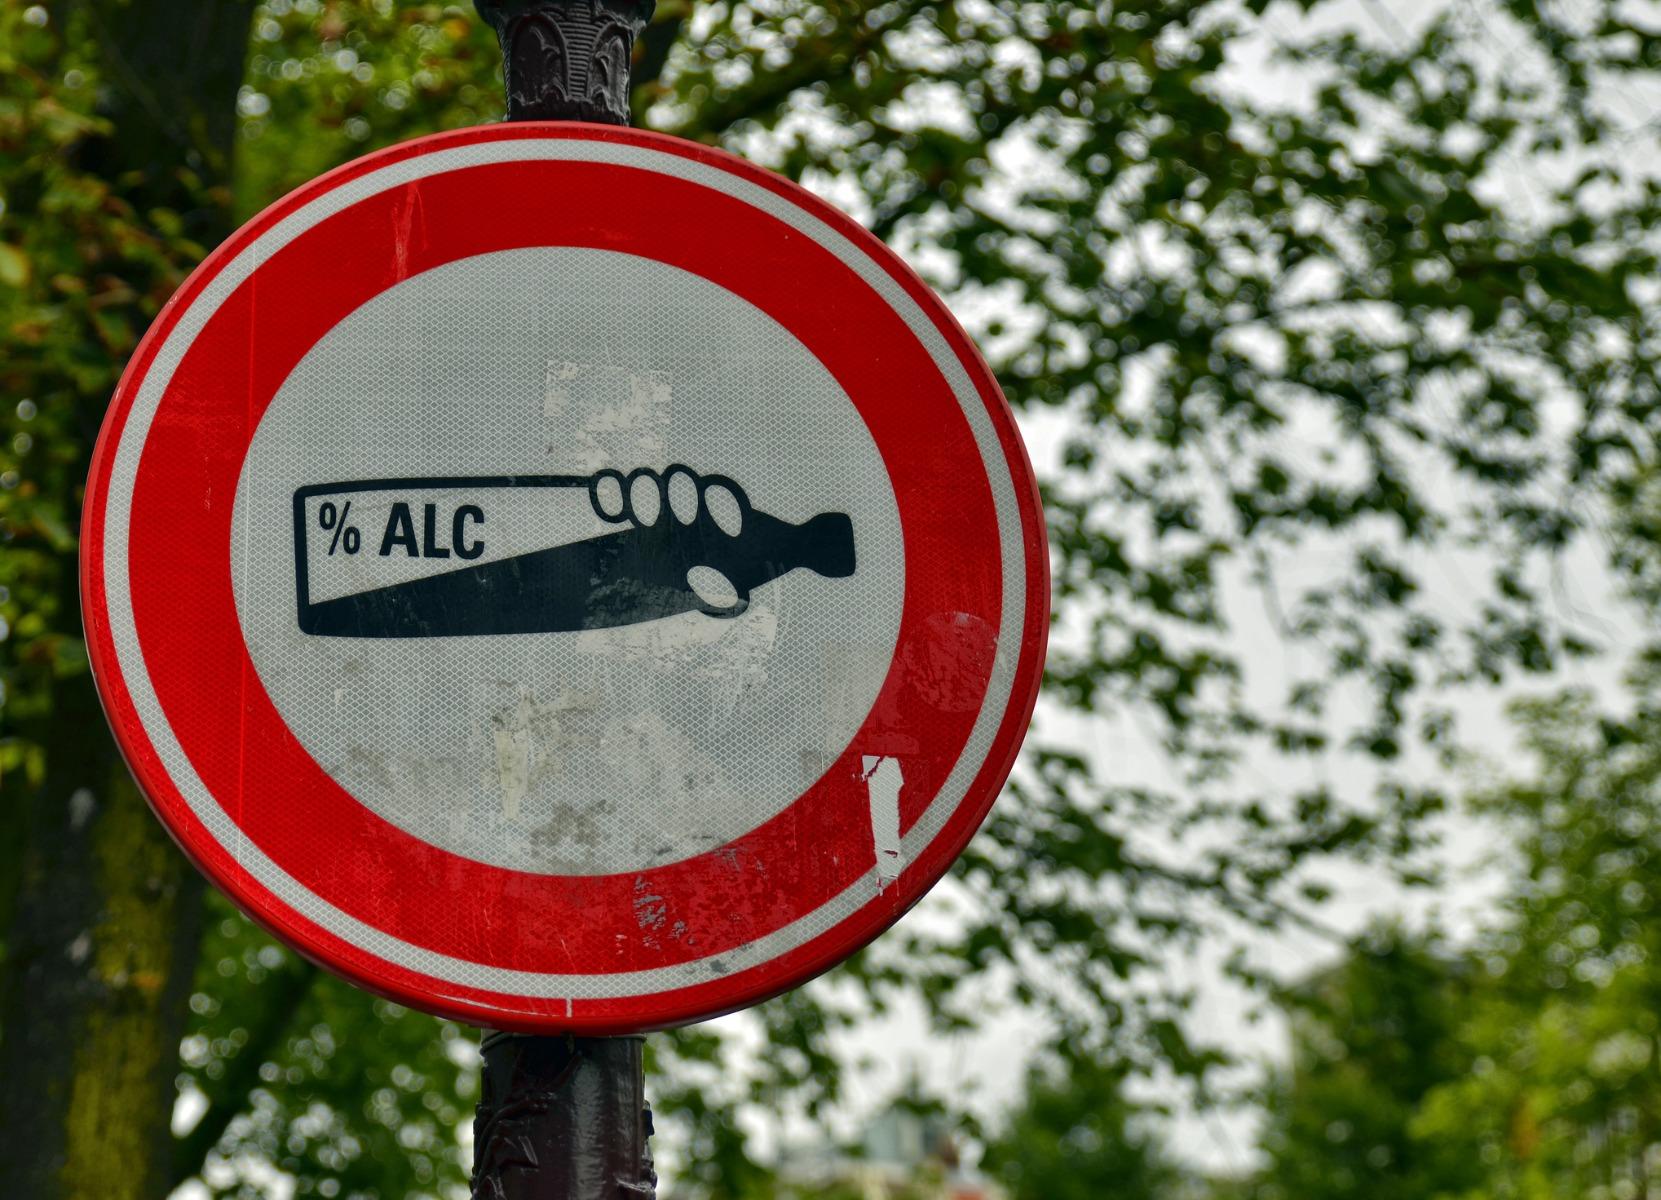 תמרור אלכוהול לא חוקי